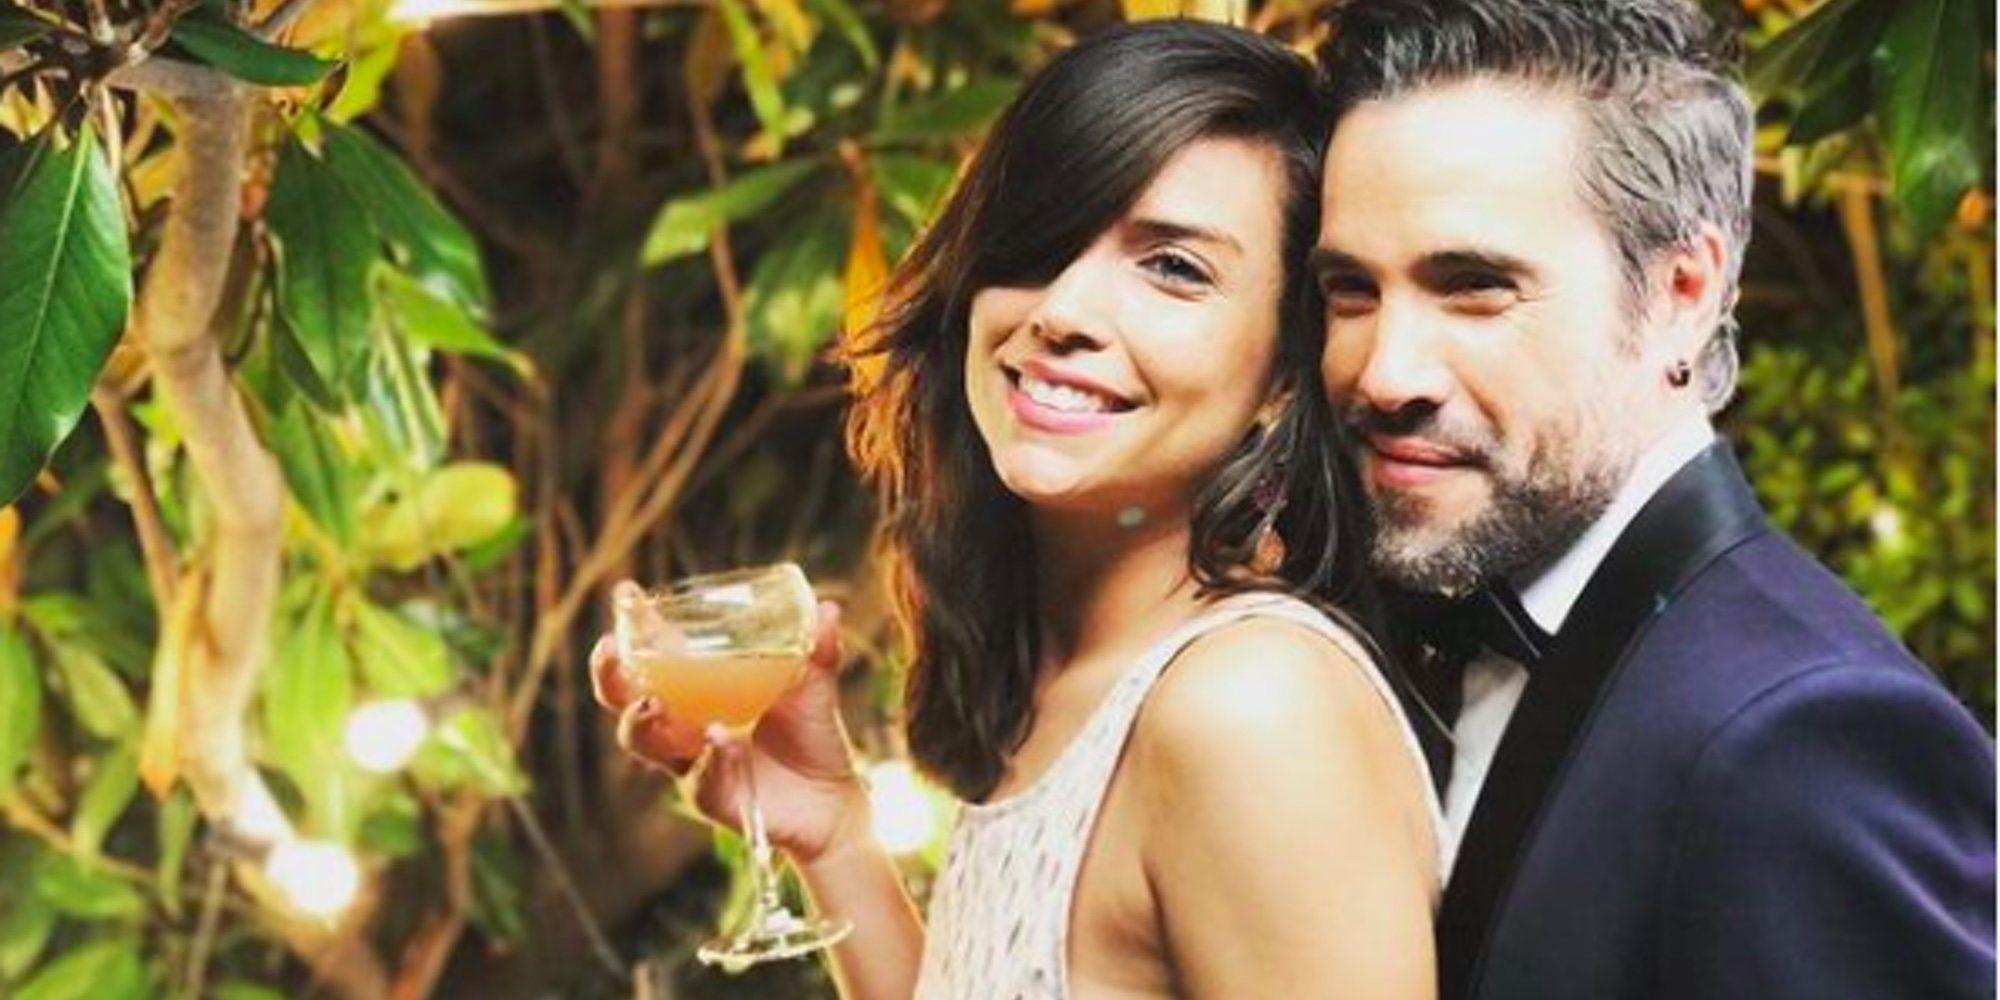 Unax Ugalde anuncia el nacimiento de su segundo hijo con Neus Cerdá